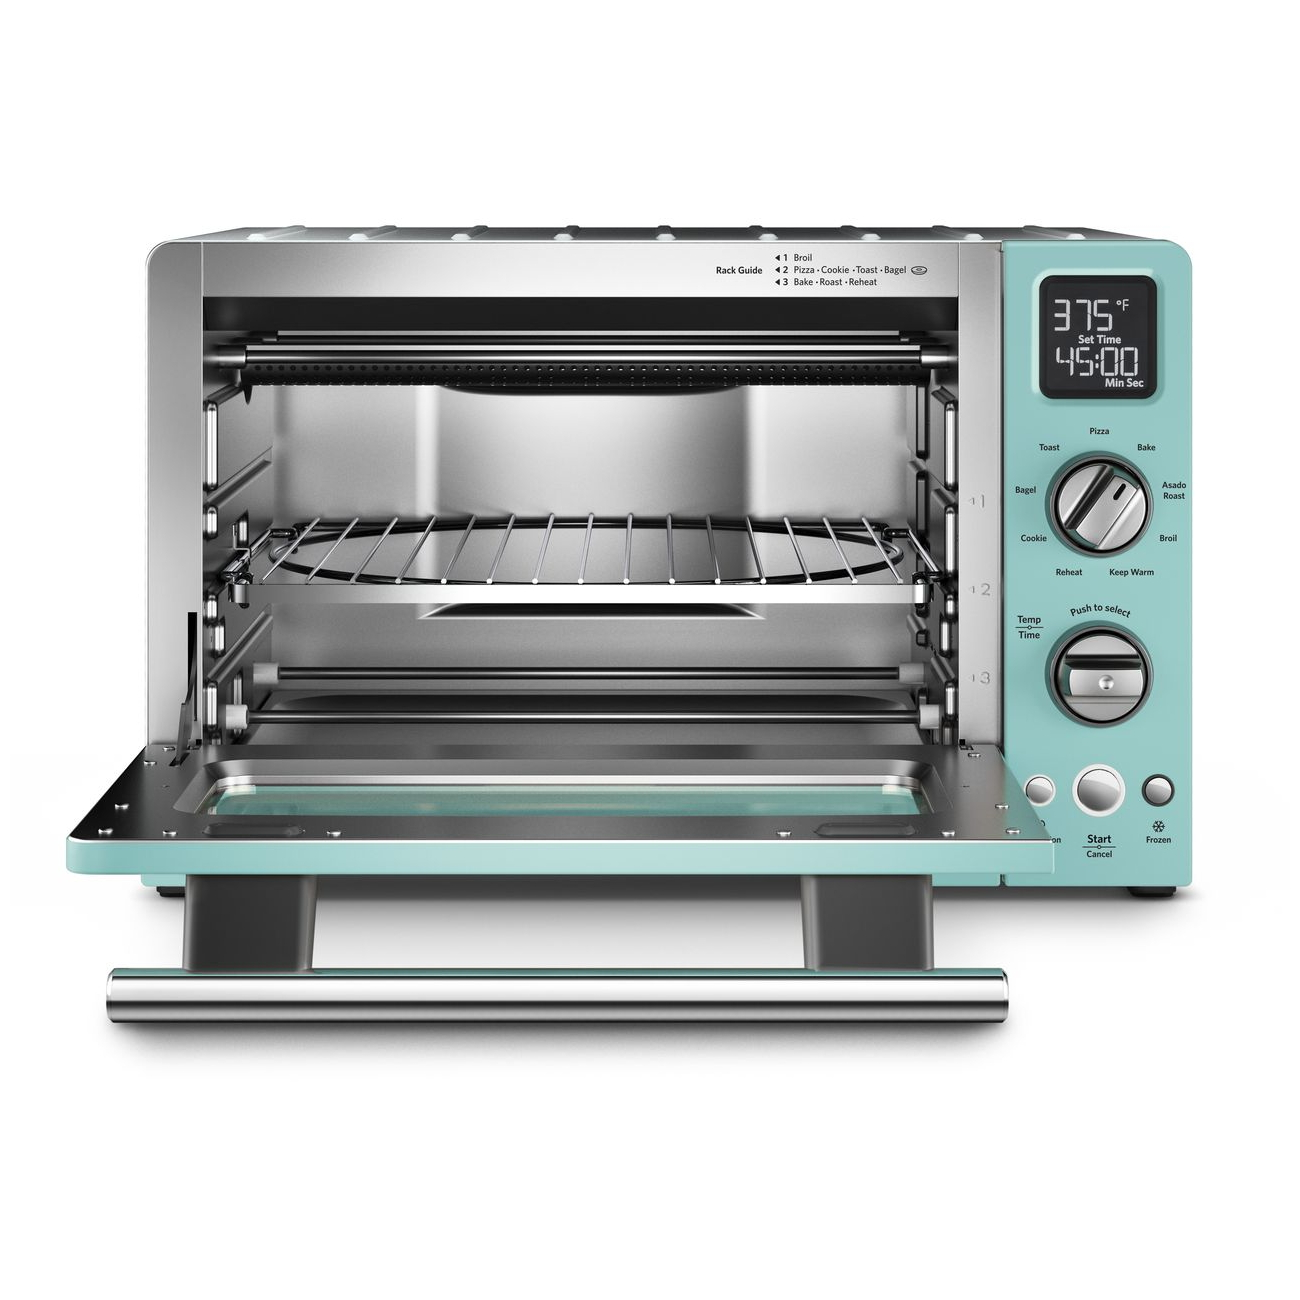 KitchenAid Aqua Sky Digital Convection Oven